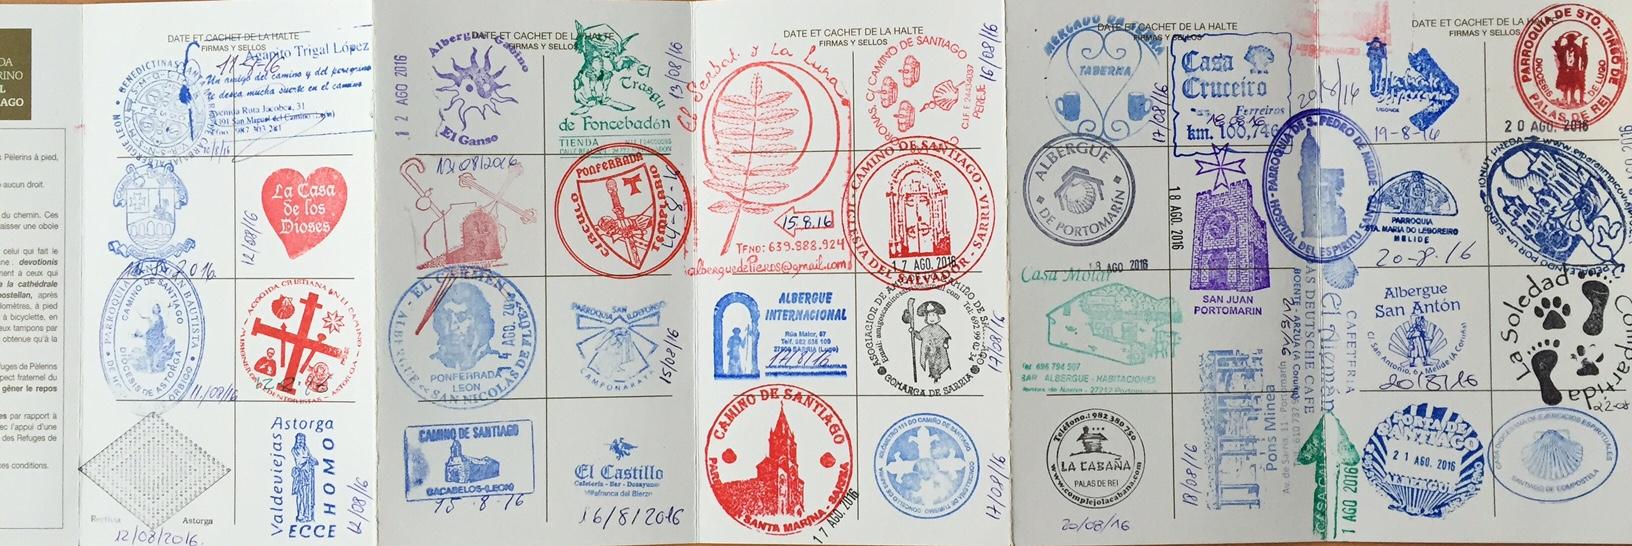 camino passport